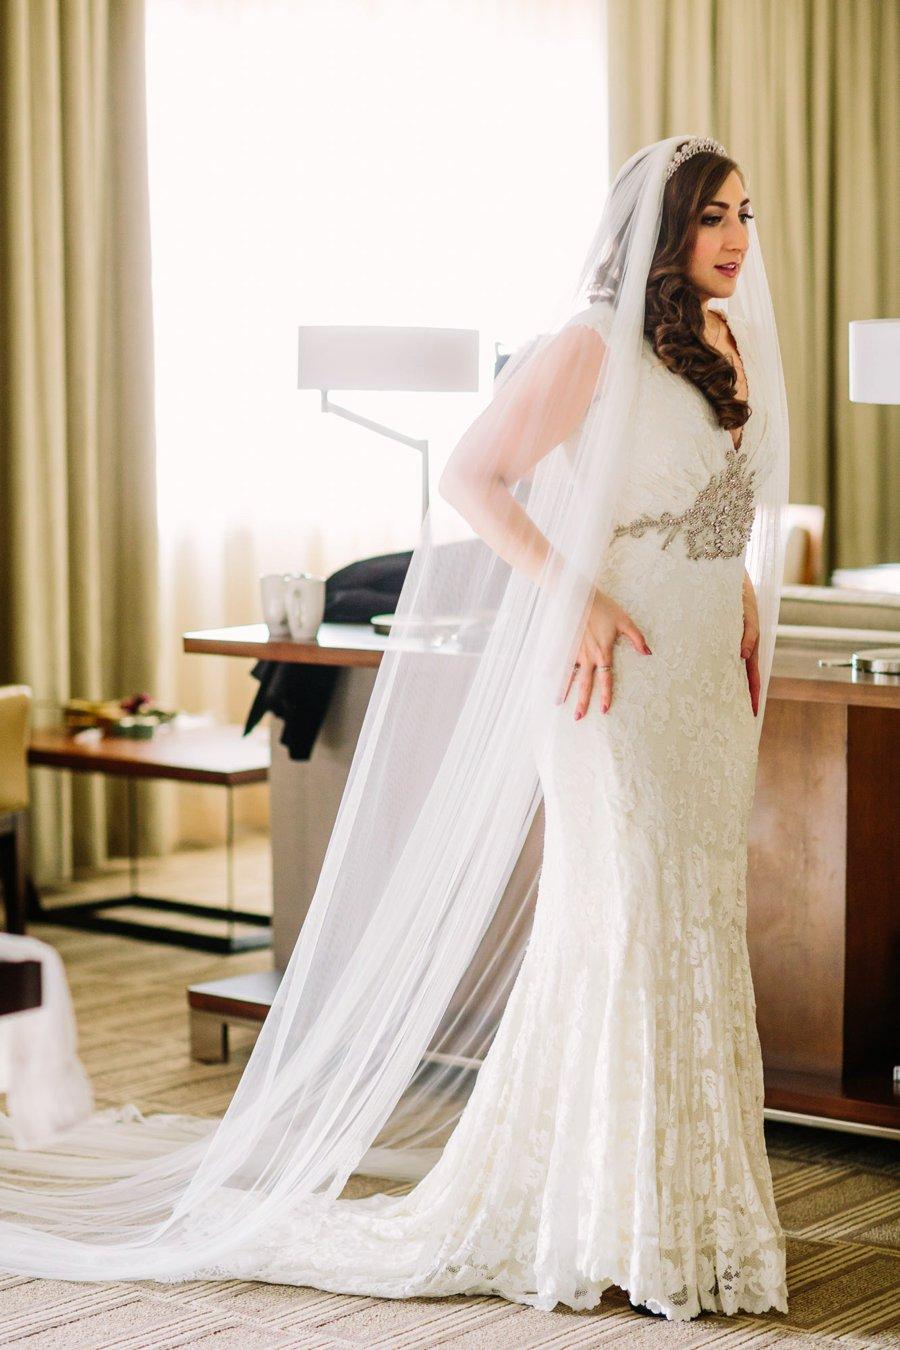 A Boho & Elegant Jewel Toned California Wedding via TheELD.com